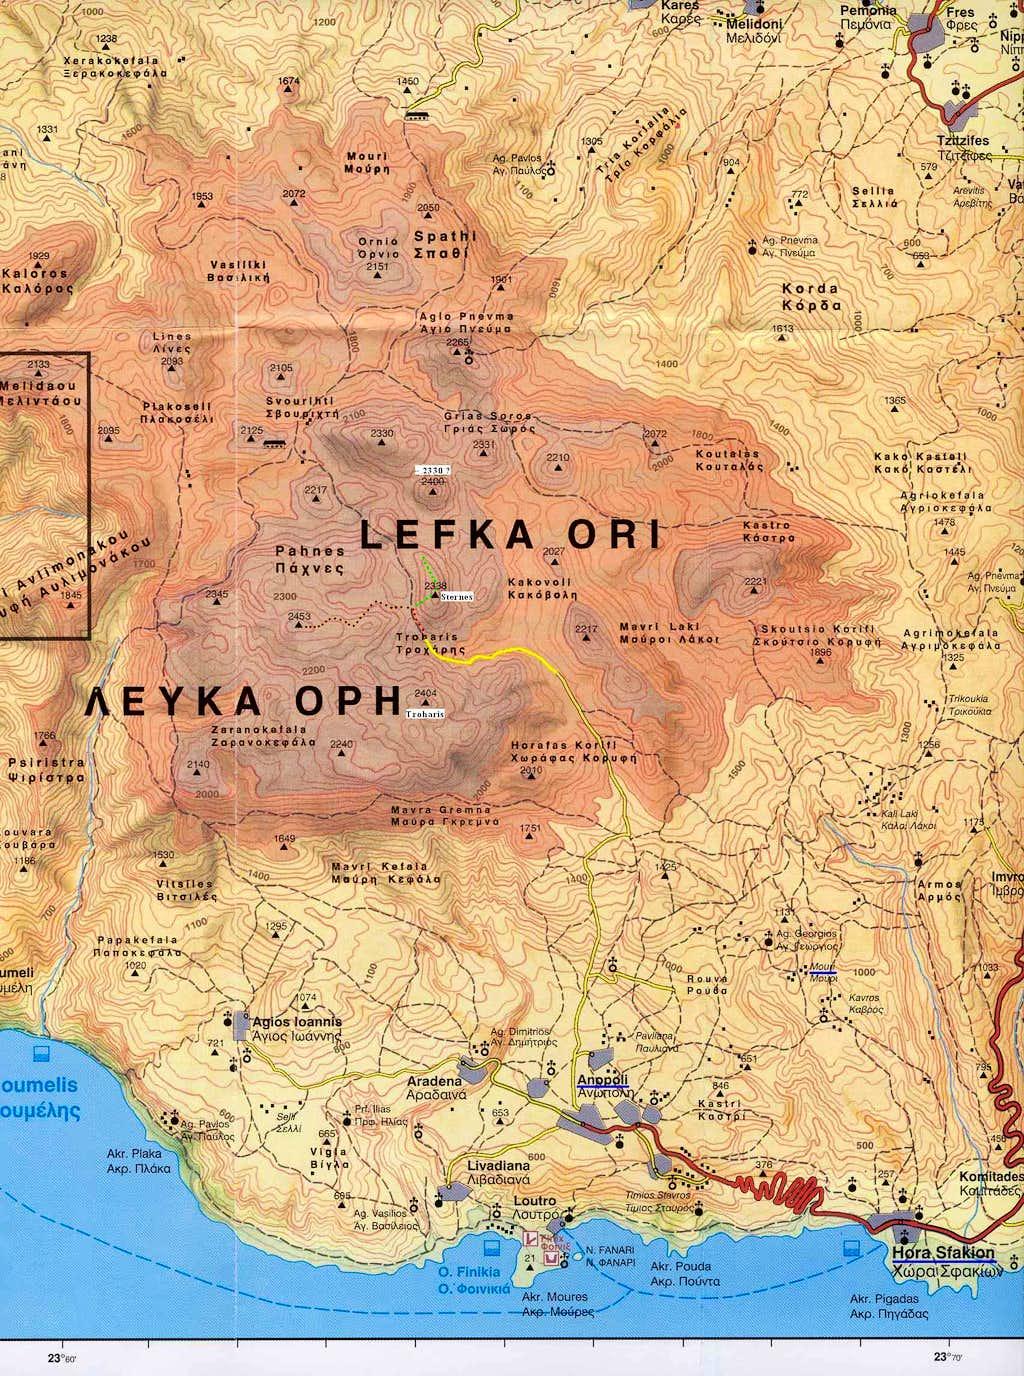 Lefka Ori